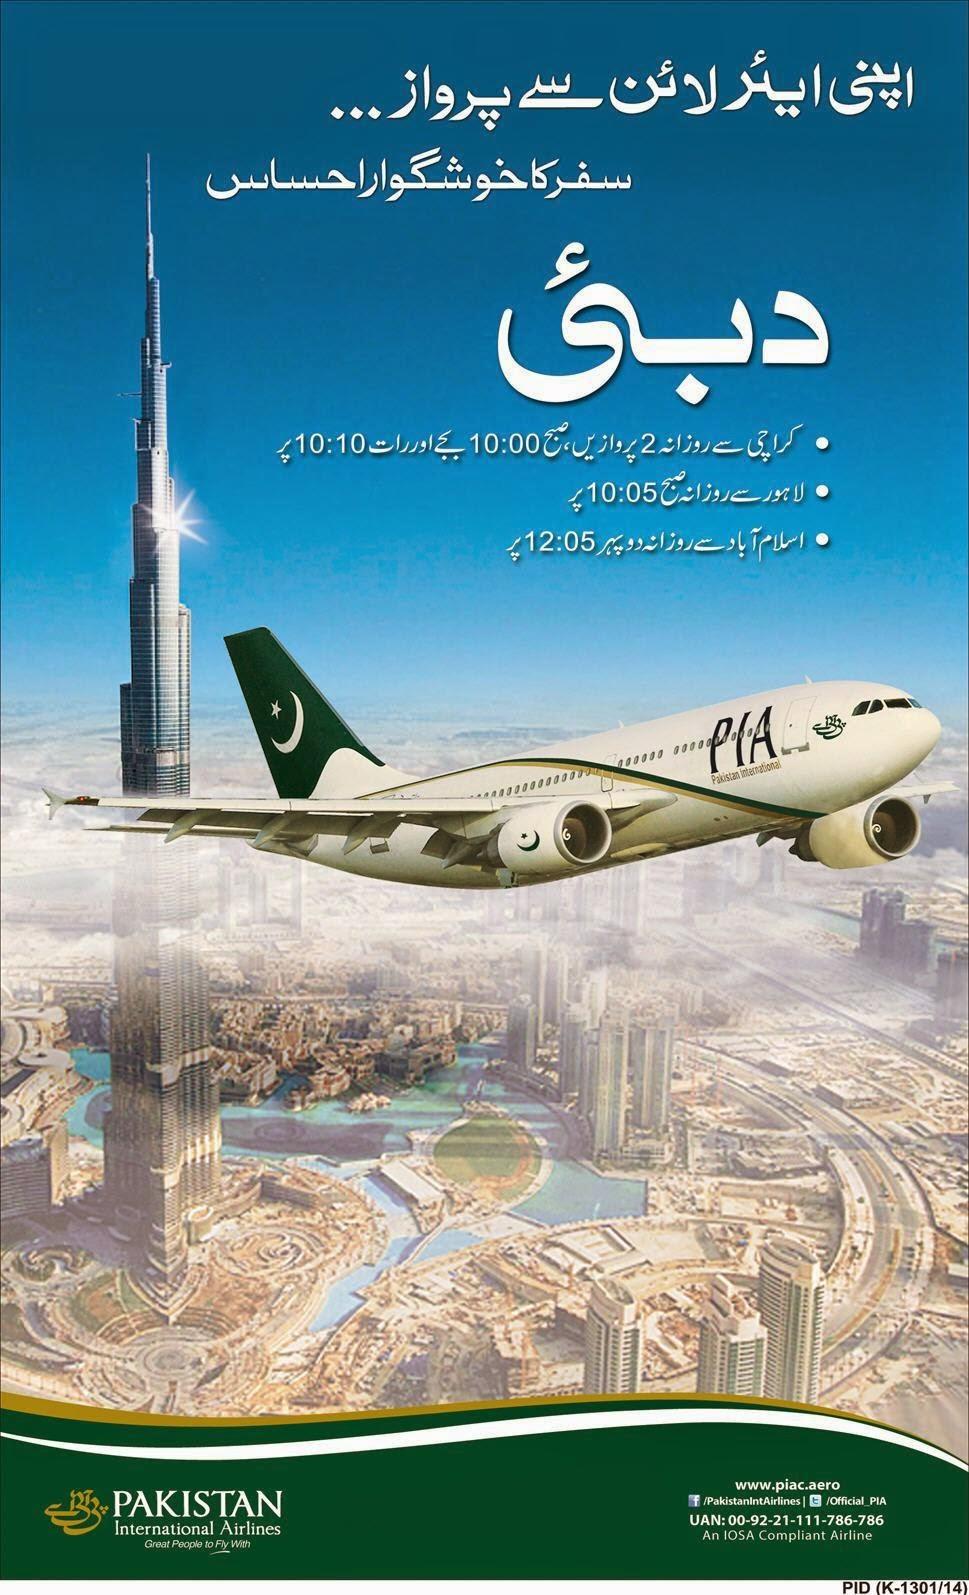 PIA Lahore to Dubai Flight Schedule 2015